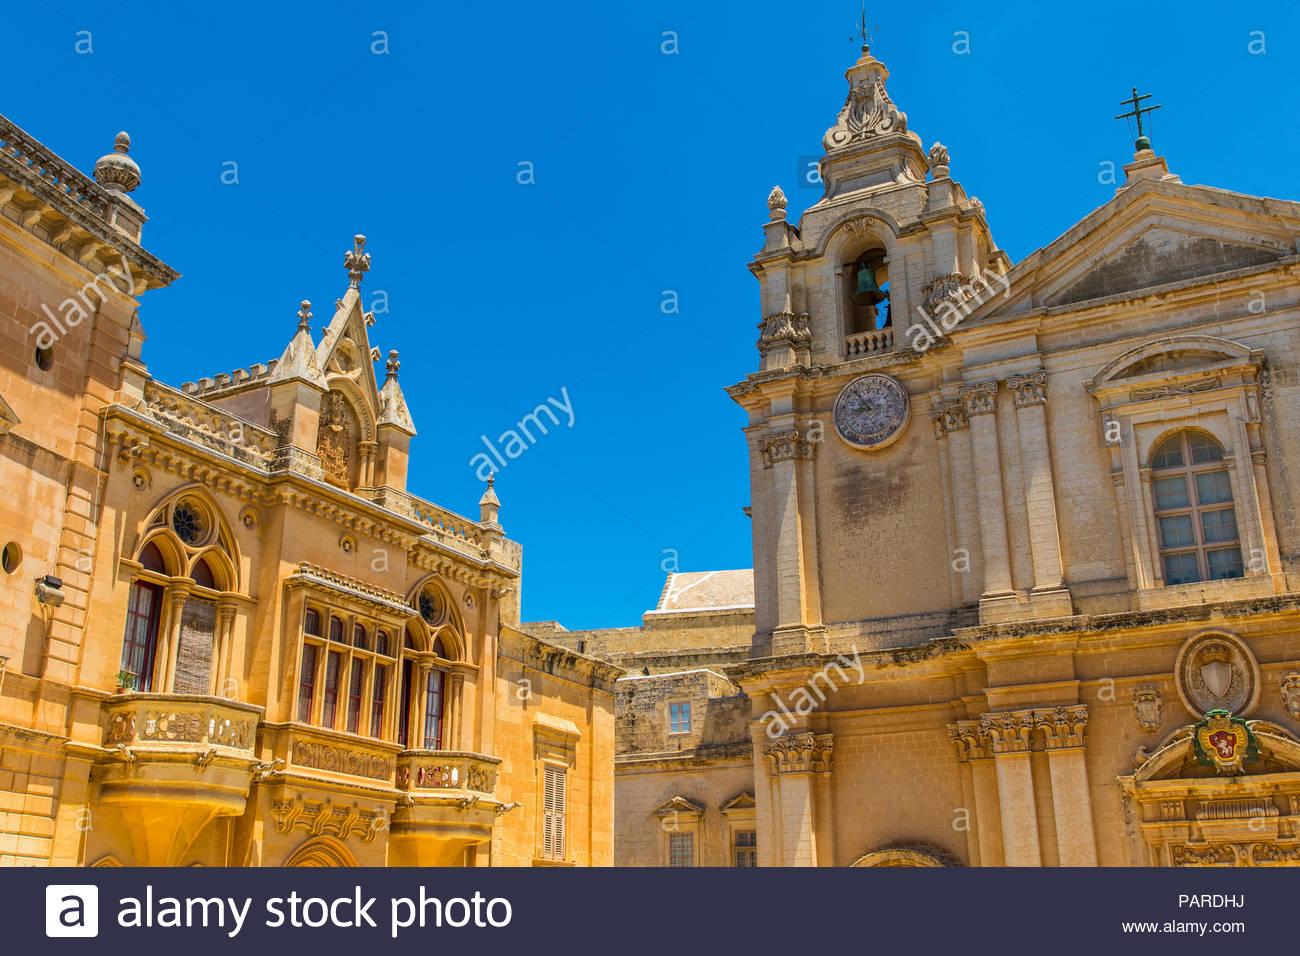 Cathédrale métropolitaine de saint Paul dans la région de Mdina, Malte Photo Stock